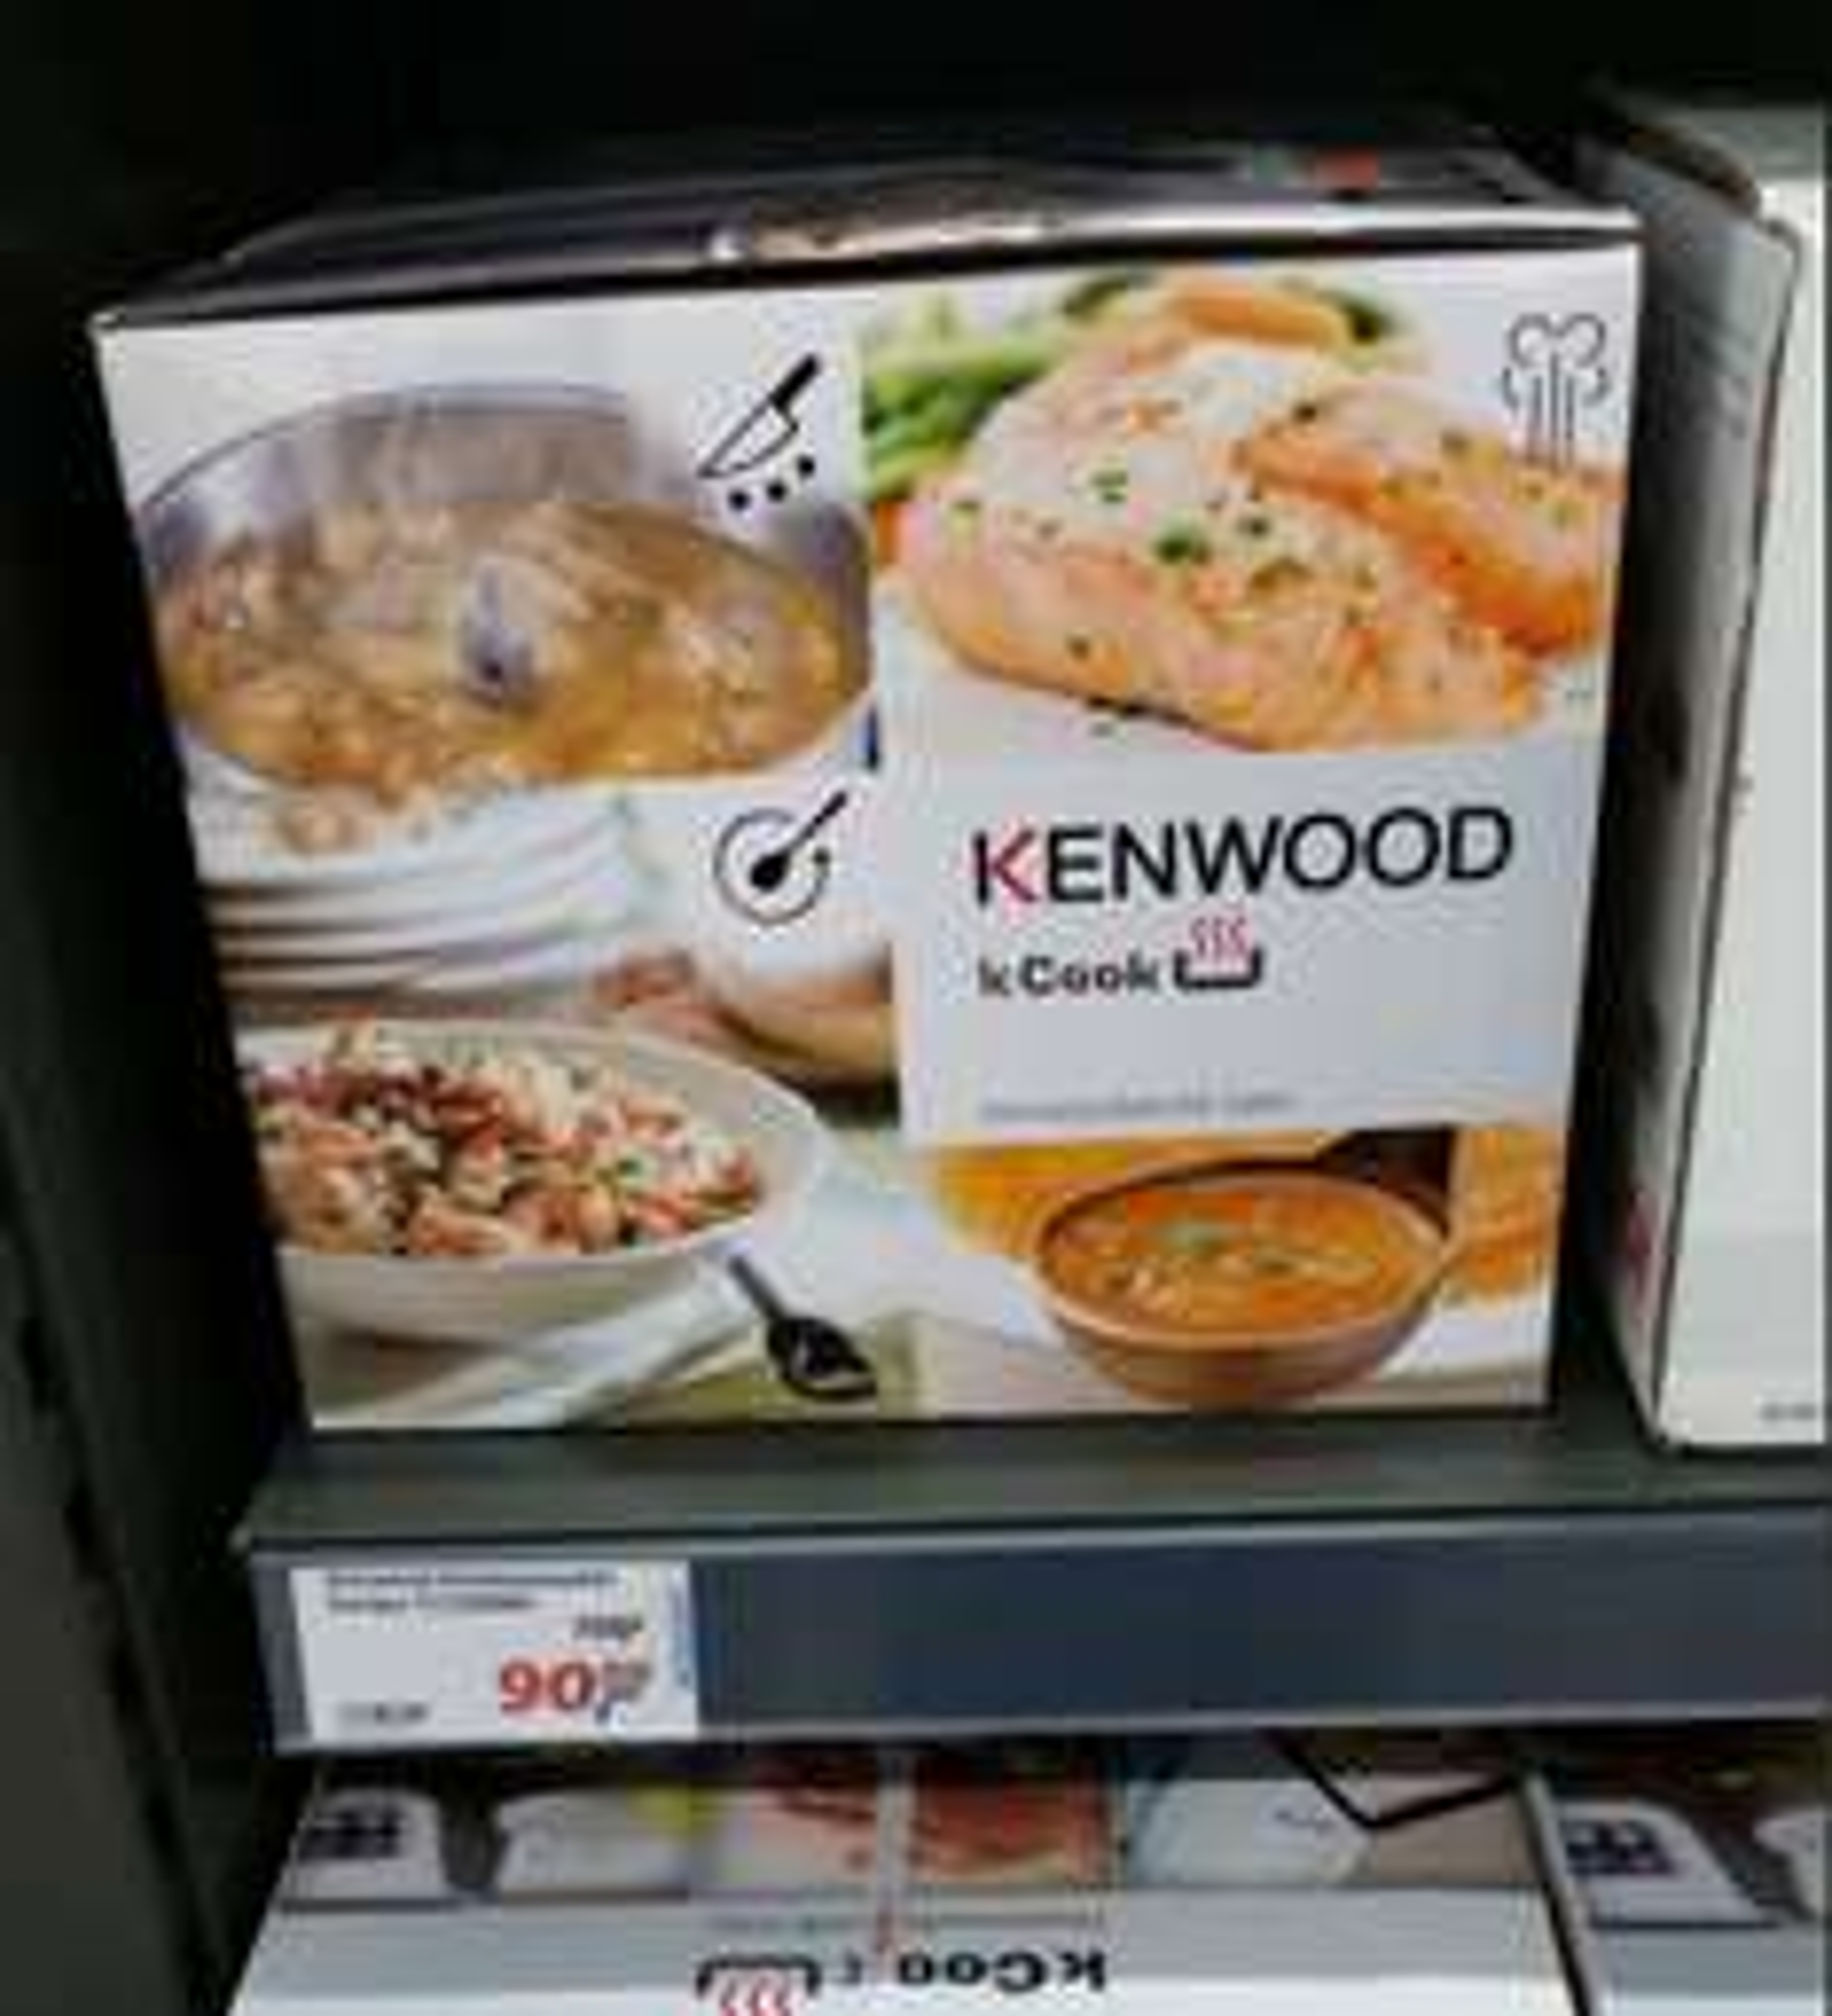 Lokal Real Nürnberg Kenwood CCC200WH kCook für EUR 90,00 = 44% unter Idealo